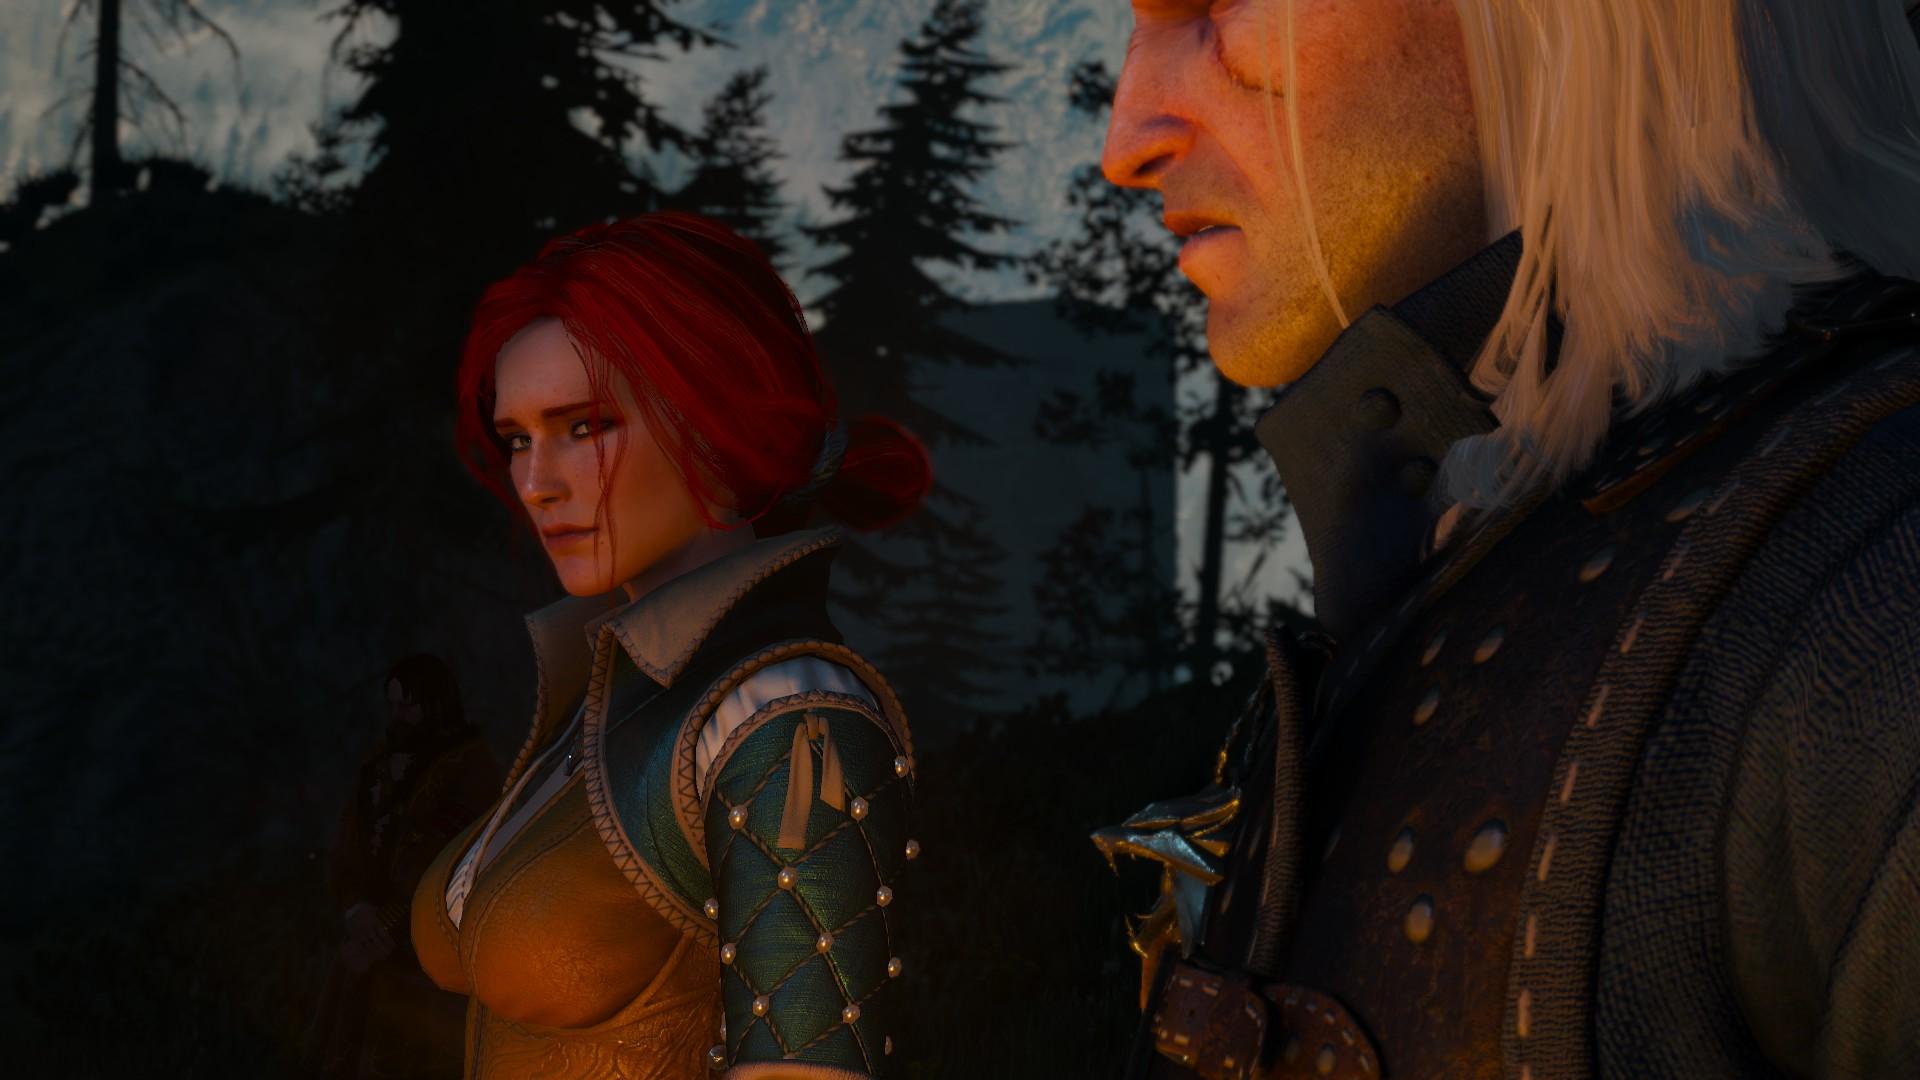 14361275553410.jpg - Witcher 3: Wild Hunt, the